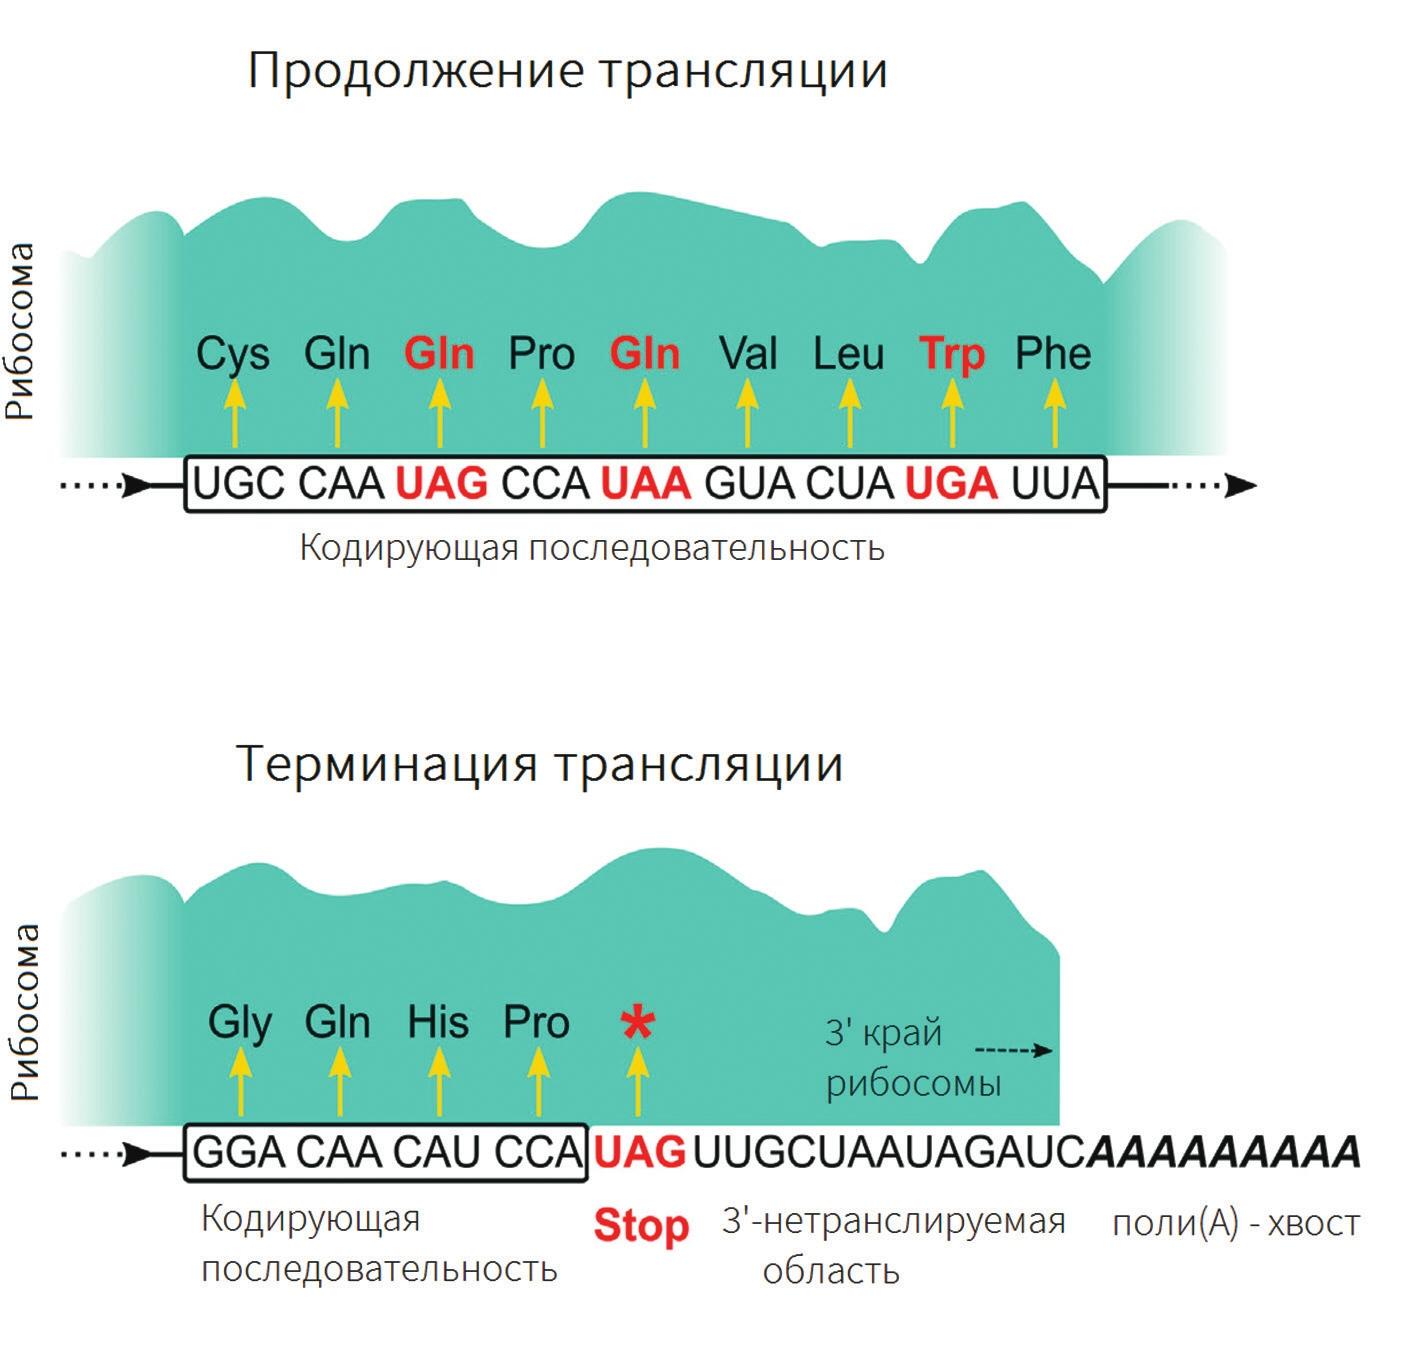 Значение стоп-кодона зависит от его положения в молекуле мРНК относительно поли(А)-хвоста (Swart et al., 2016)